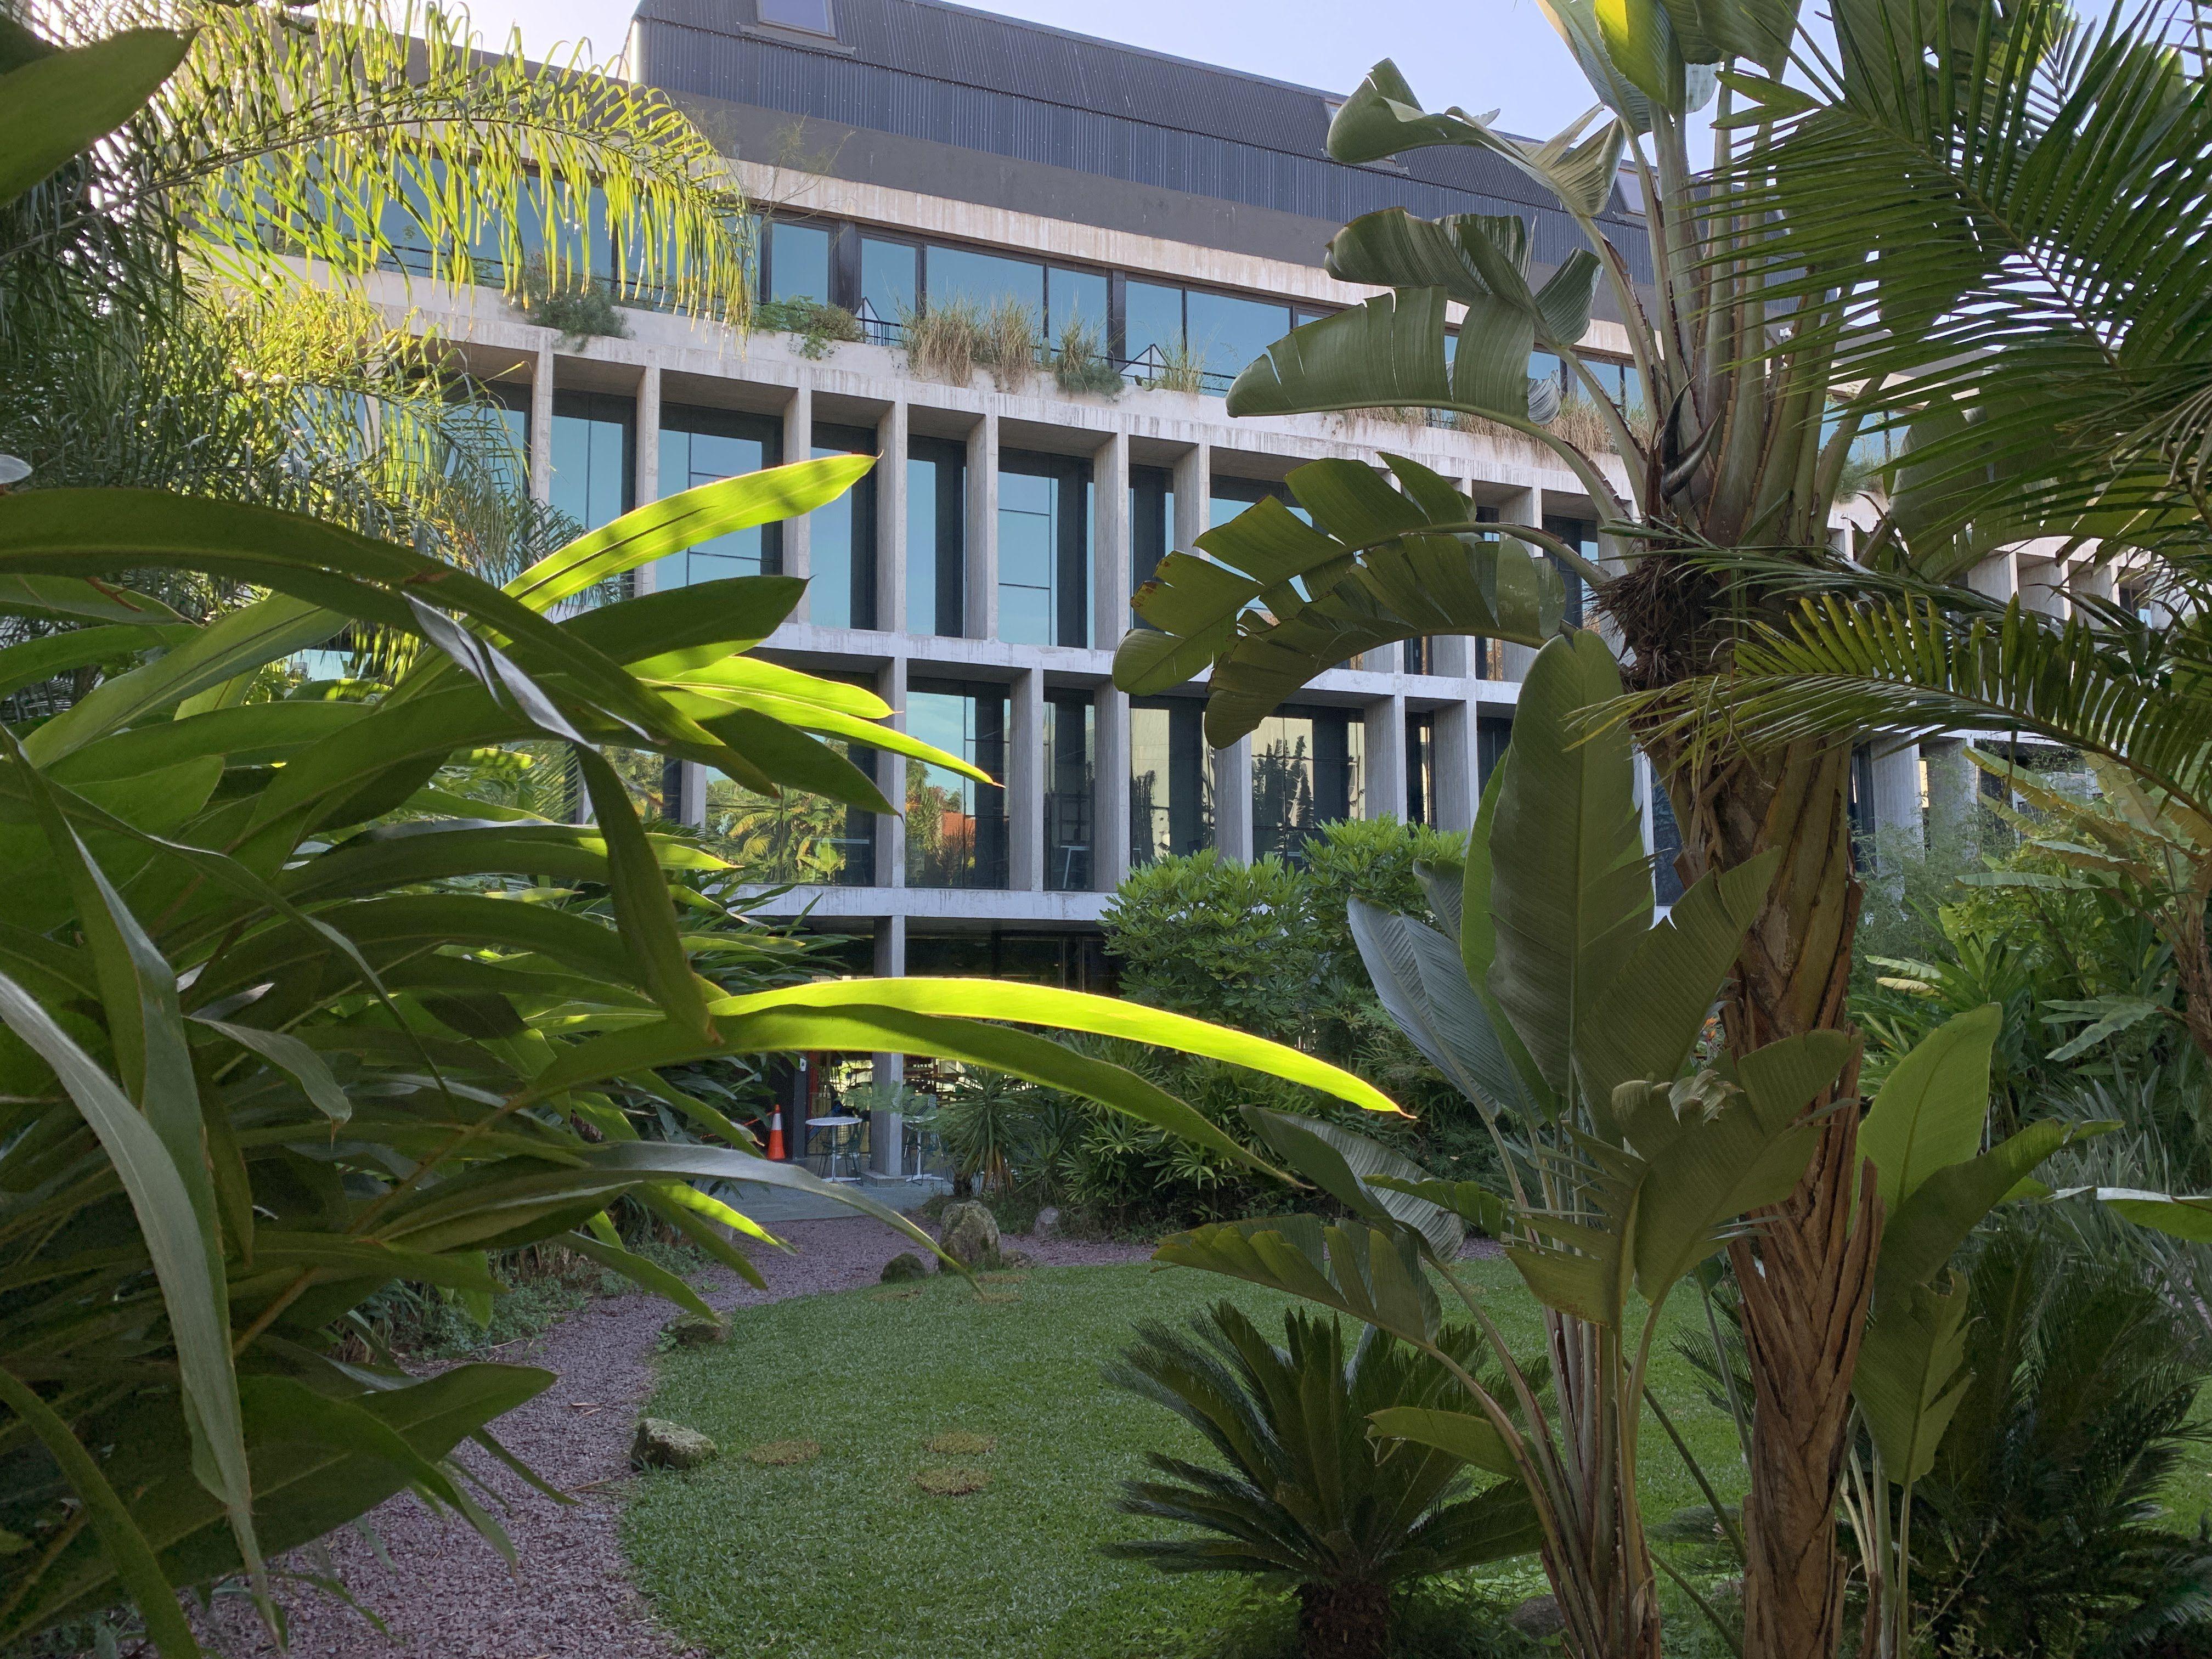 un-dia-en-un-espacio-de-cowork,-las-oficinas-flexibles-que-funcionan-como-laboratorios-de-ideas-y-entusiasmo